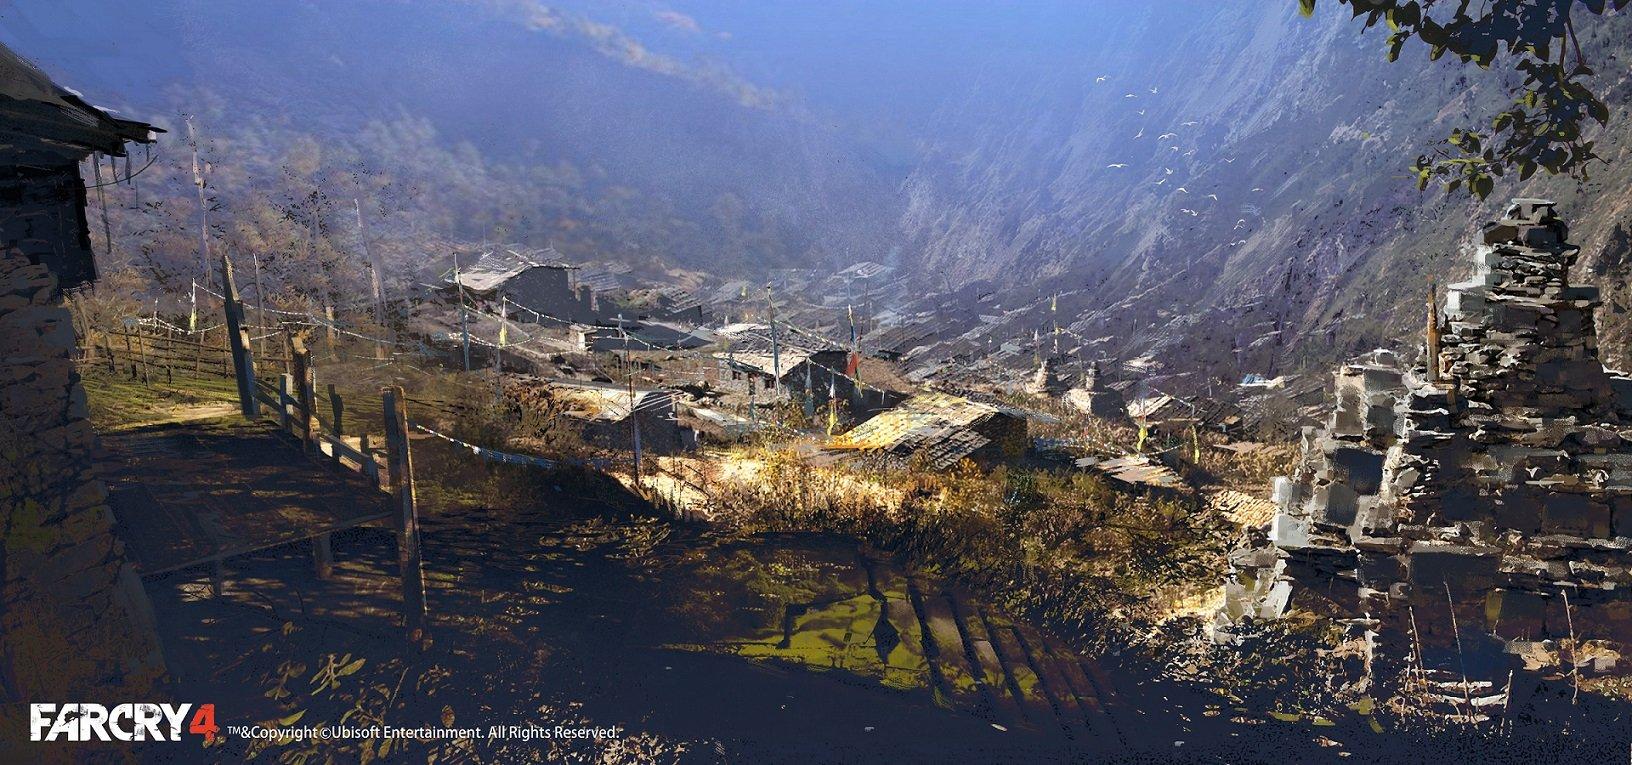 village shot